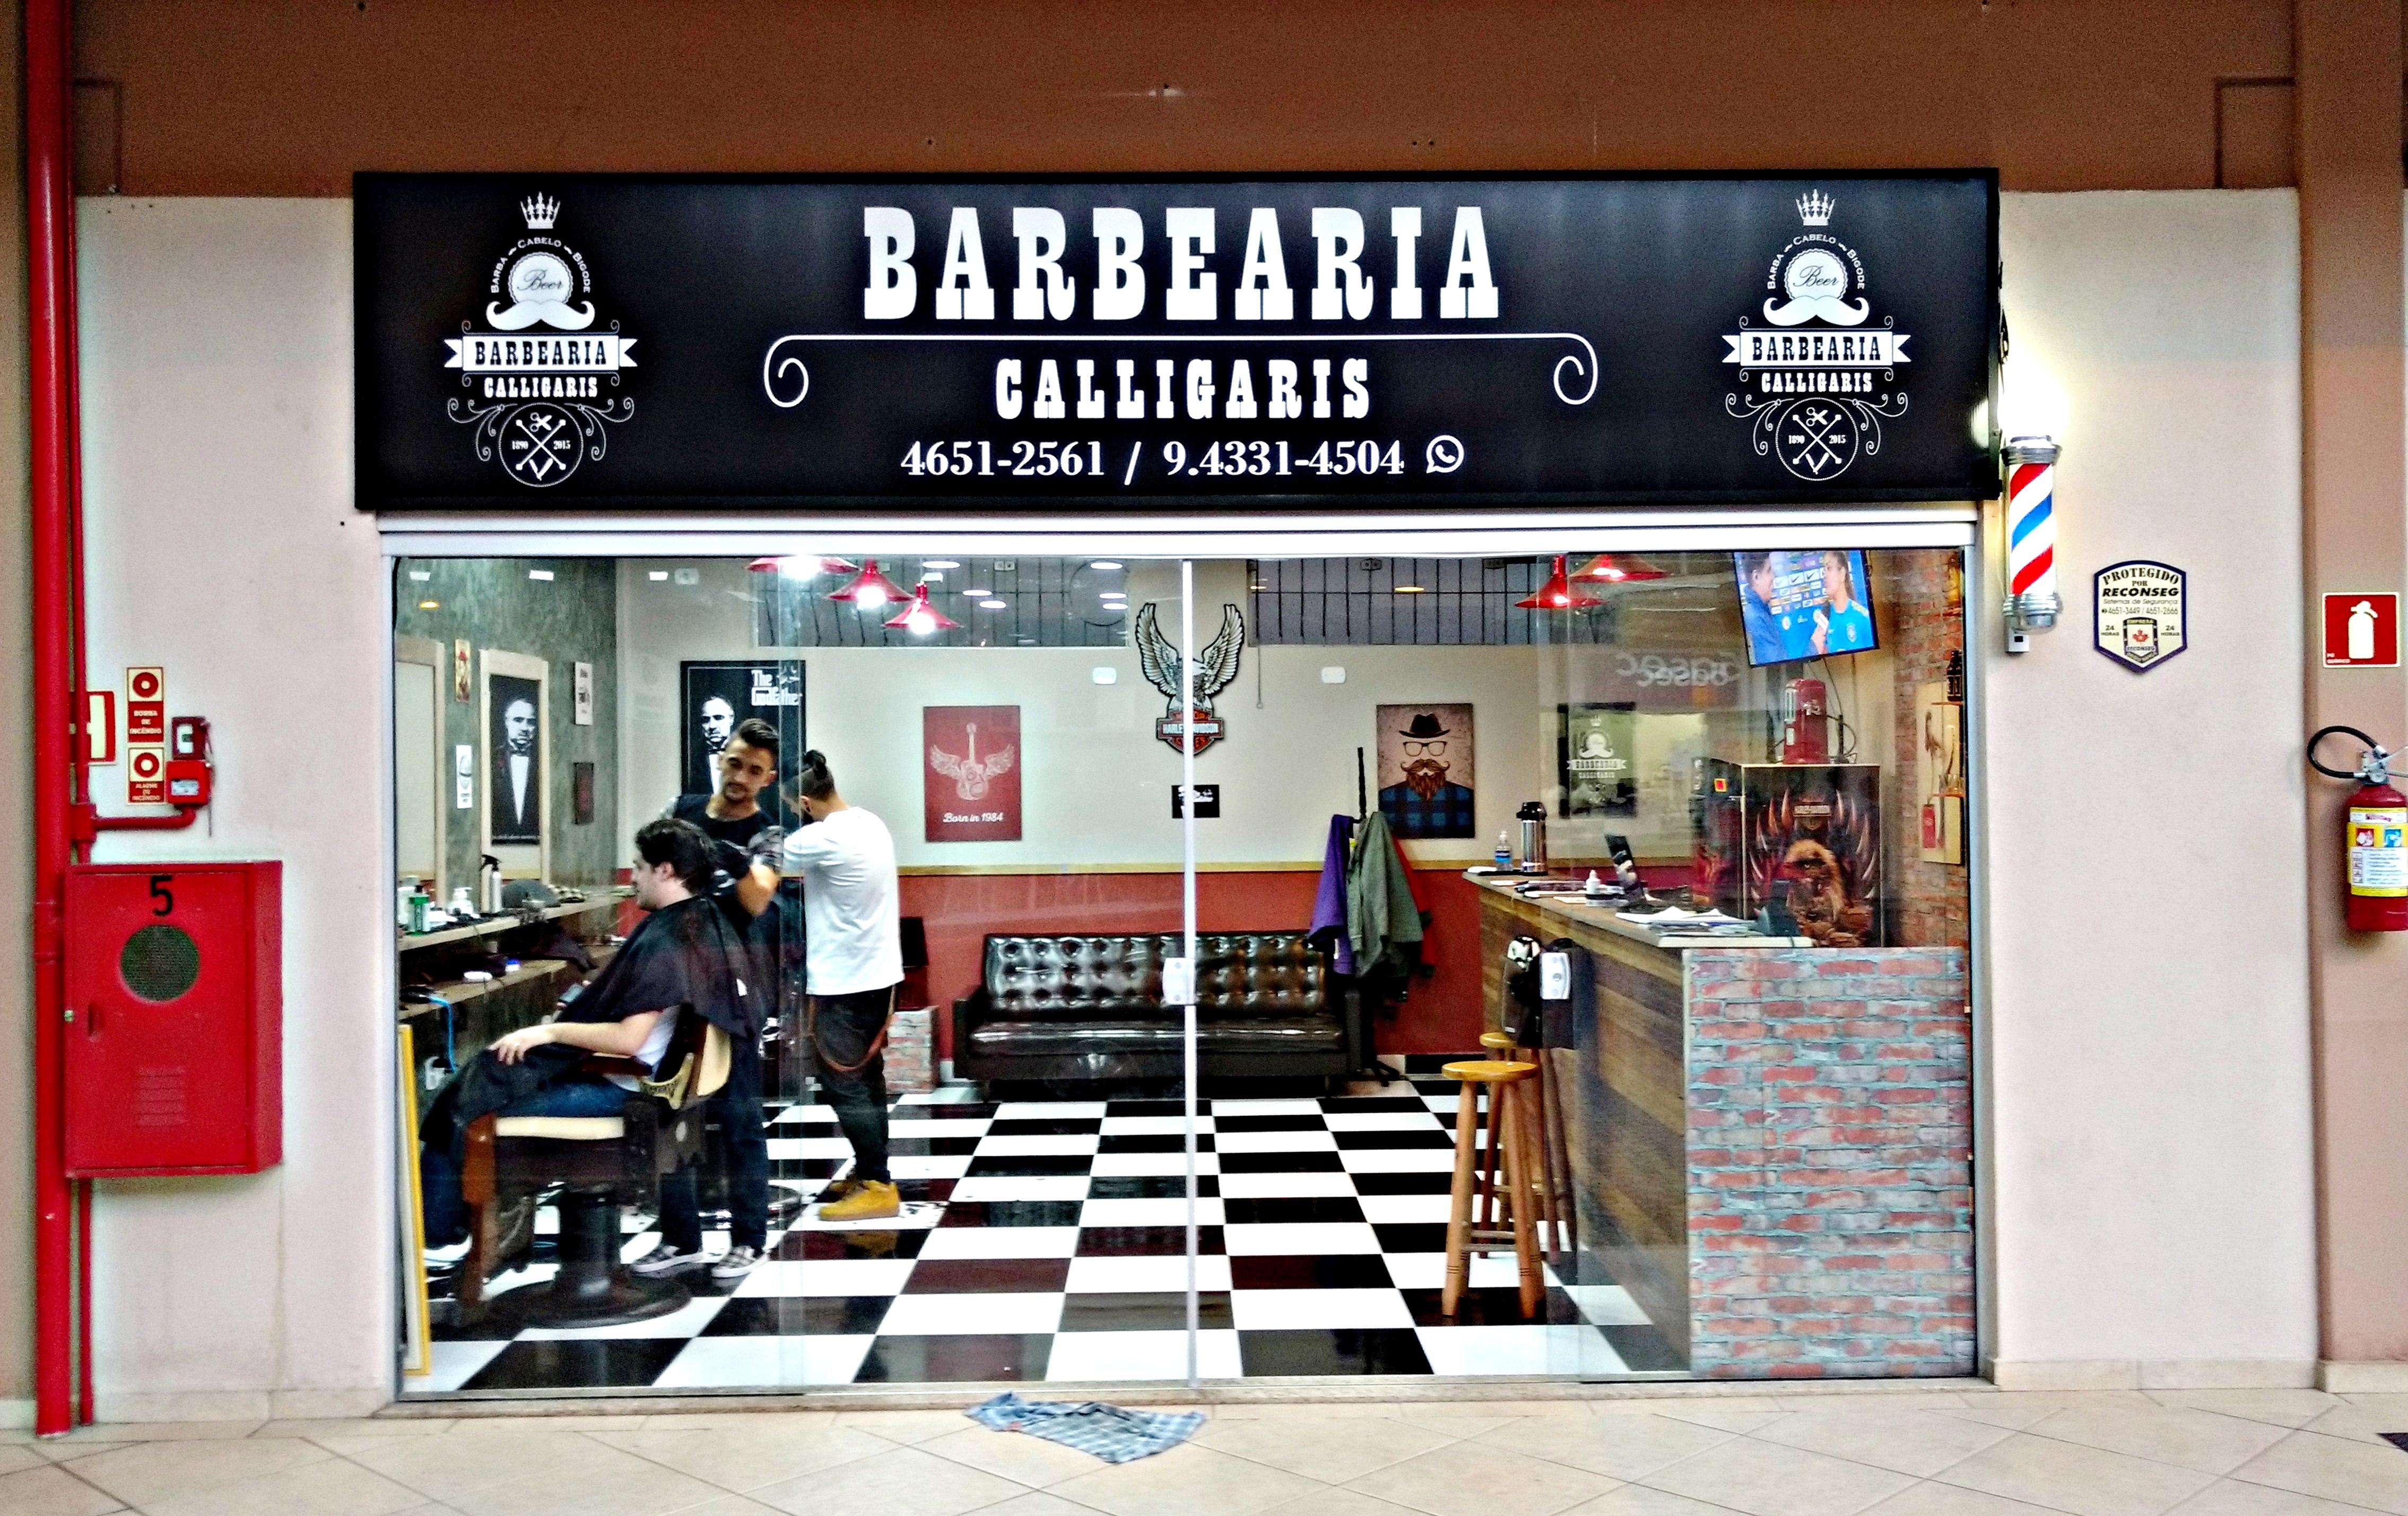 BARBEARIA (2)